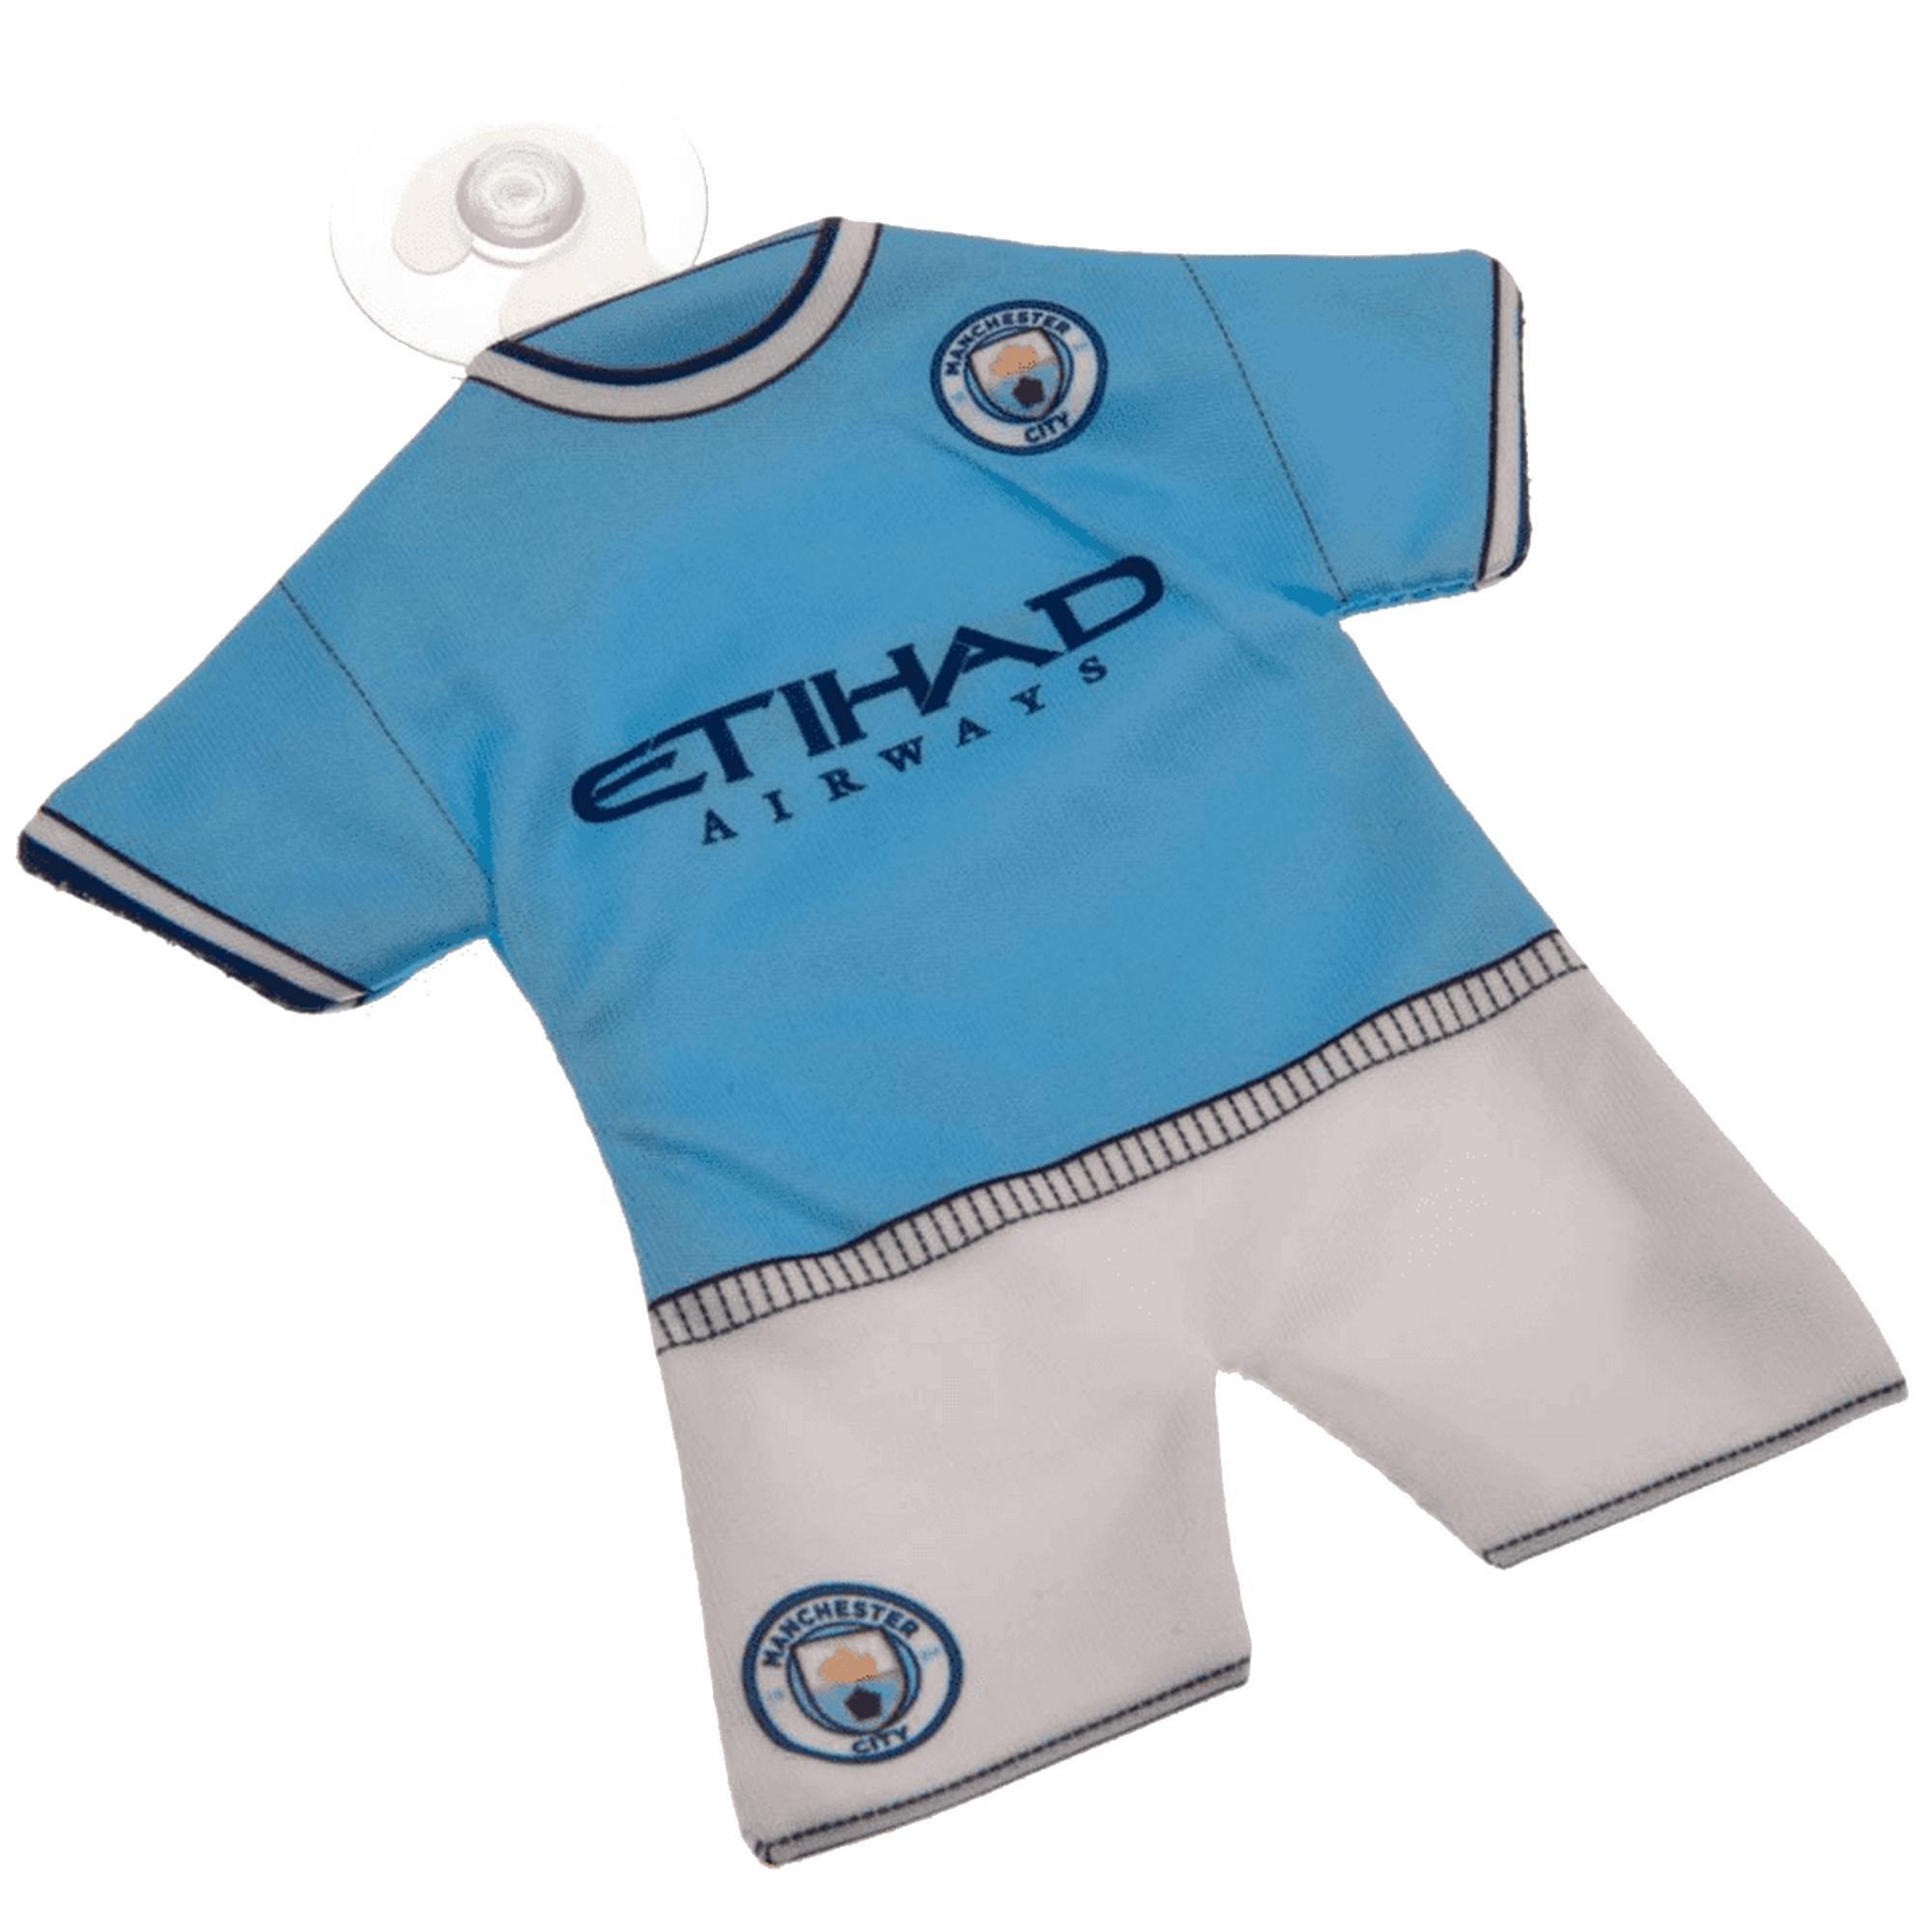 Manchester CITY Mini Kit Hanger